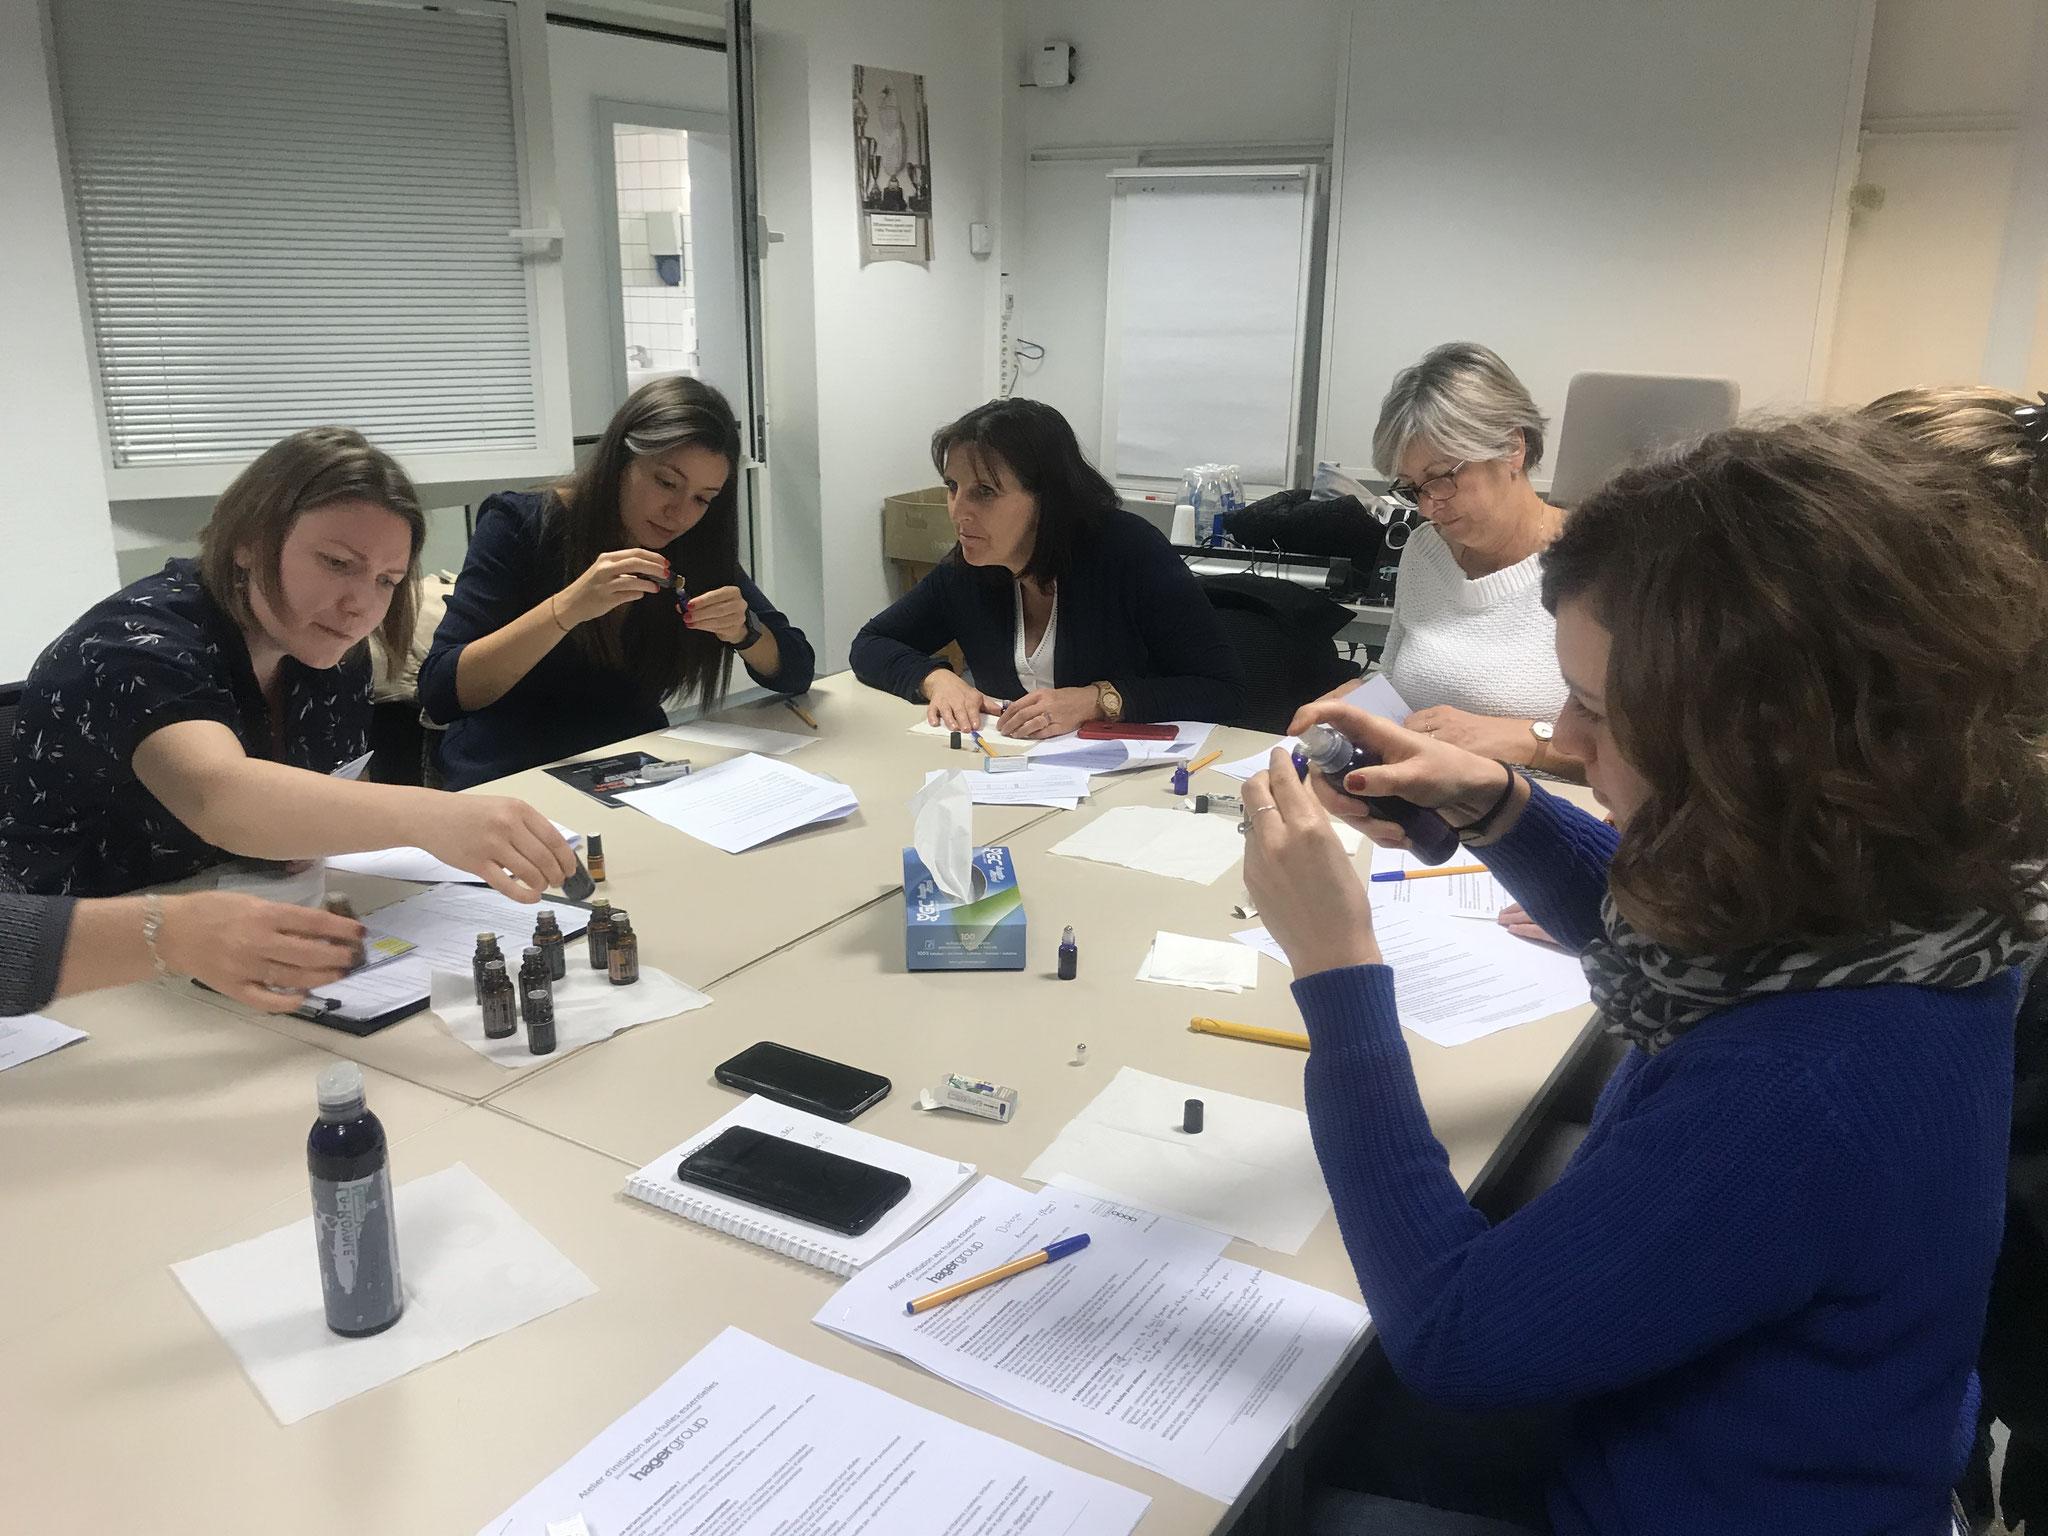 Ateliers d'initiation aux huiles essentielles - Hager Obernai 2019